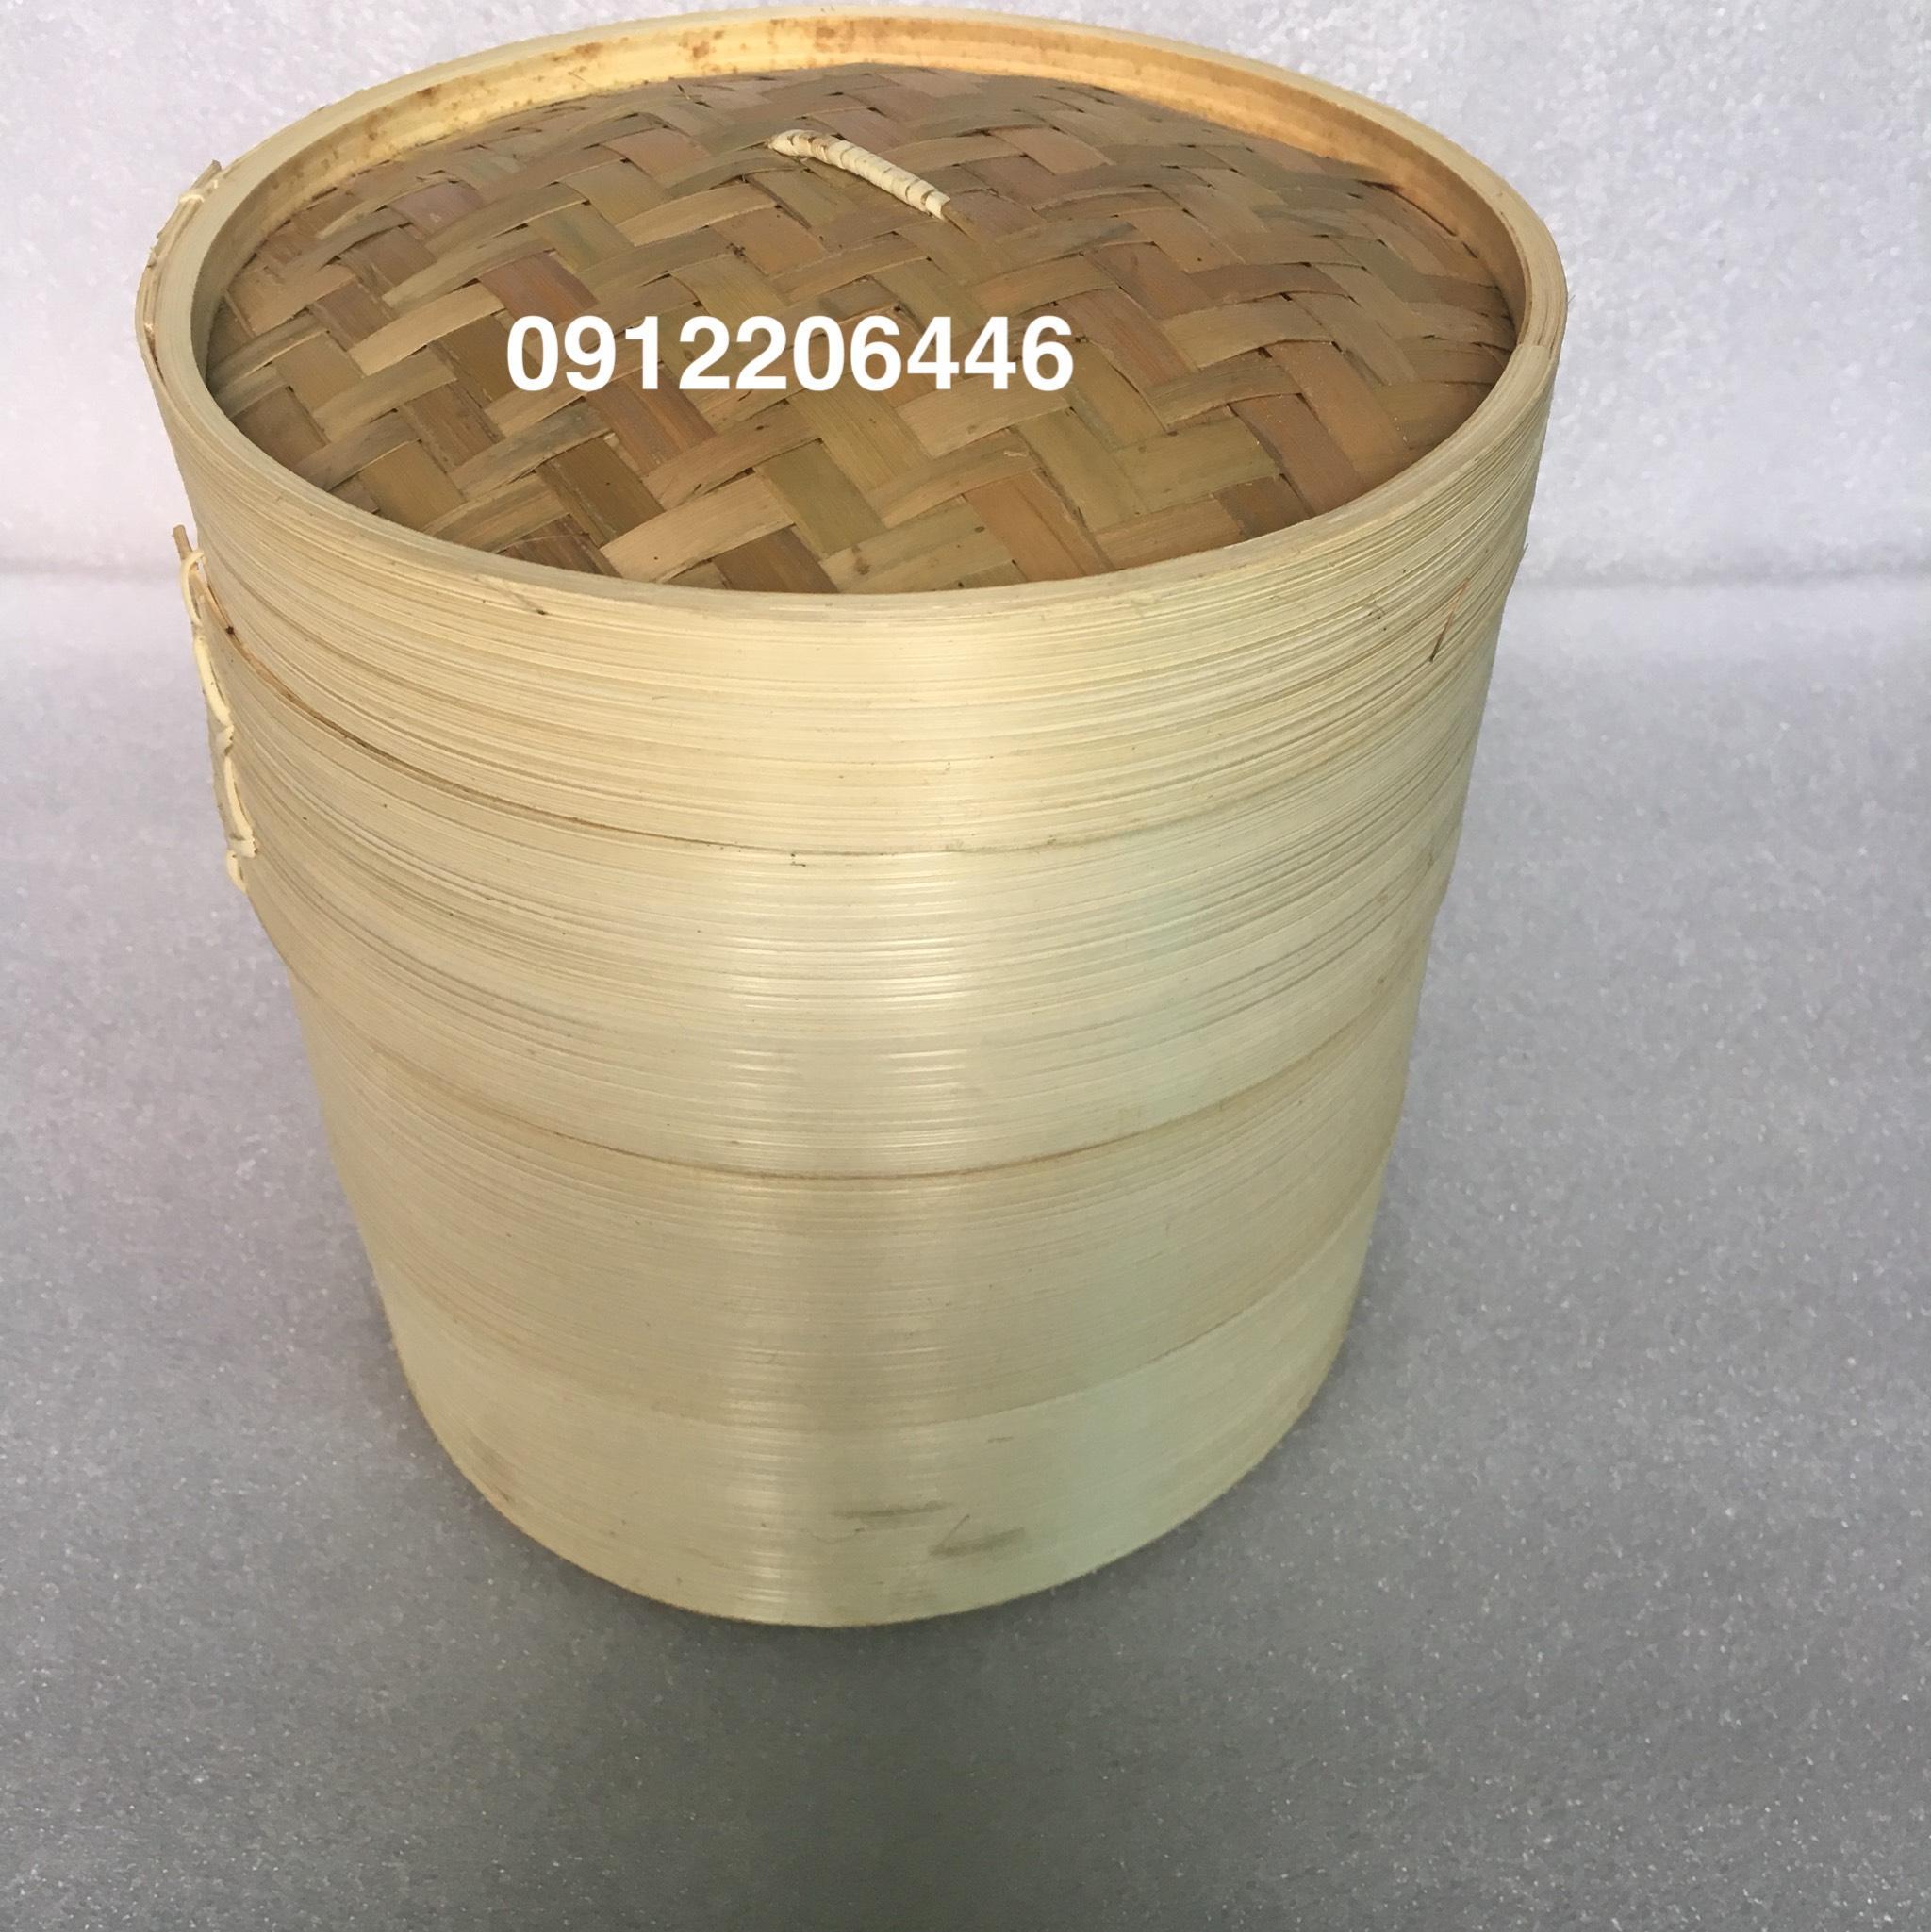 Bộ nồi hấp, xửng tre hấp bánh bao, há cảo 3 ngăn /3 đáy và 1 nắp đường kính 30 cm ( màu vàng nhạt tre nứa tự nhiên)